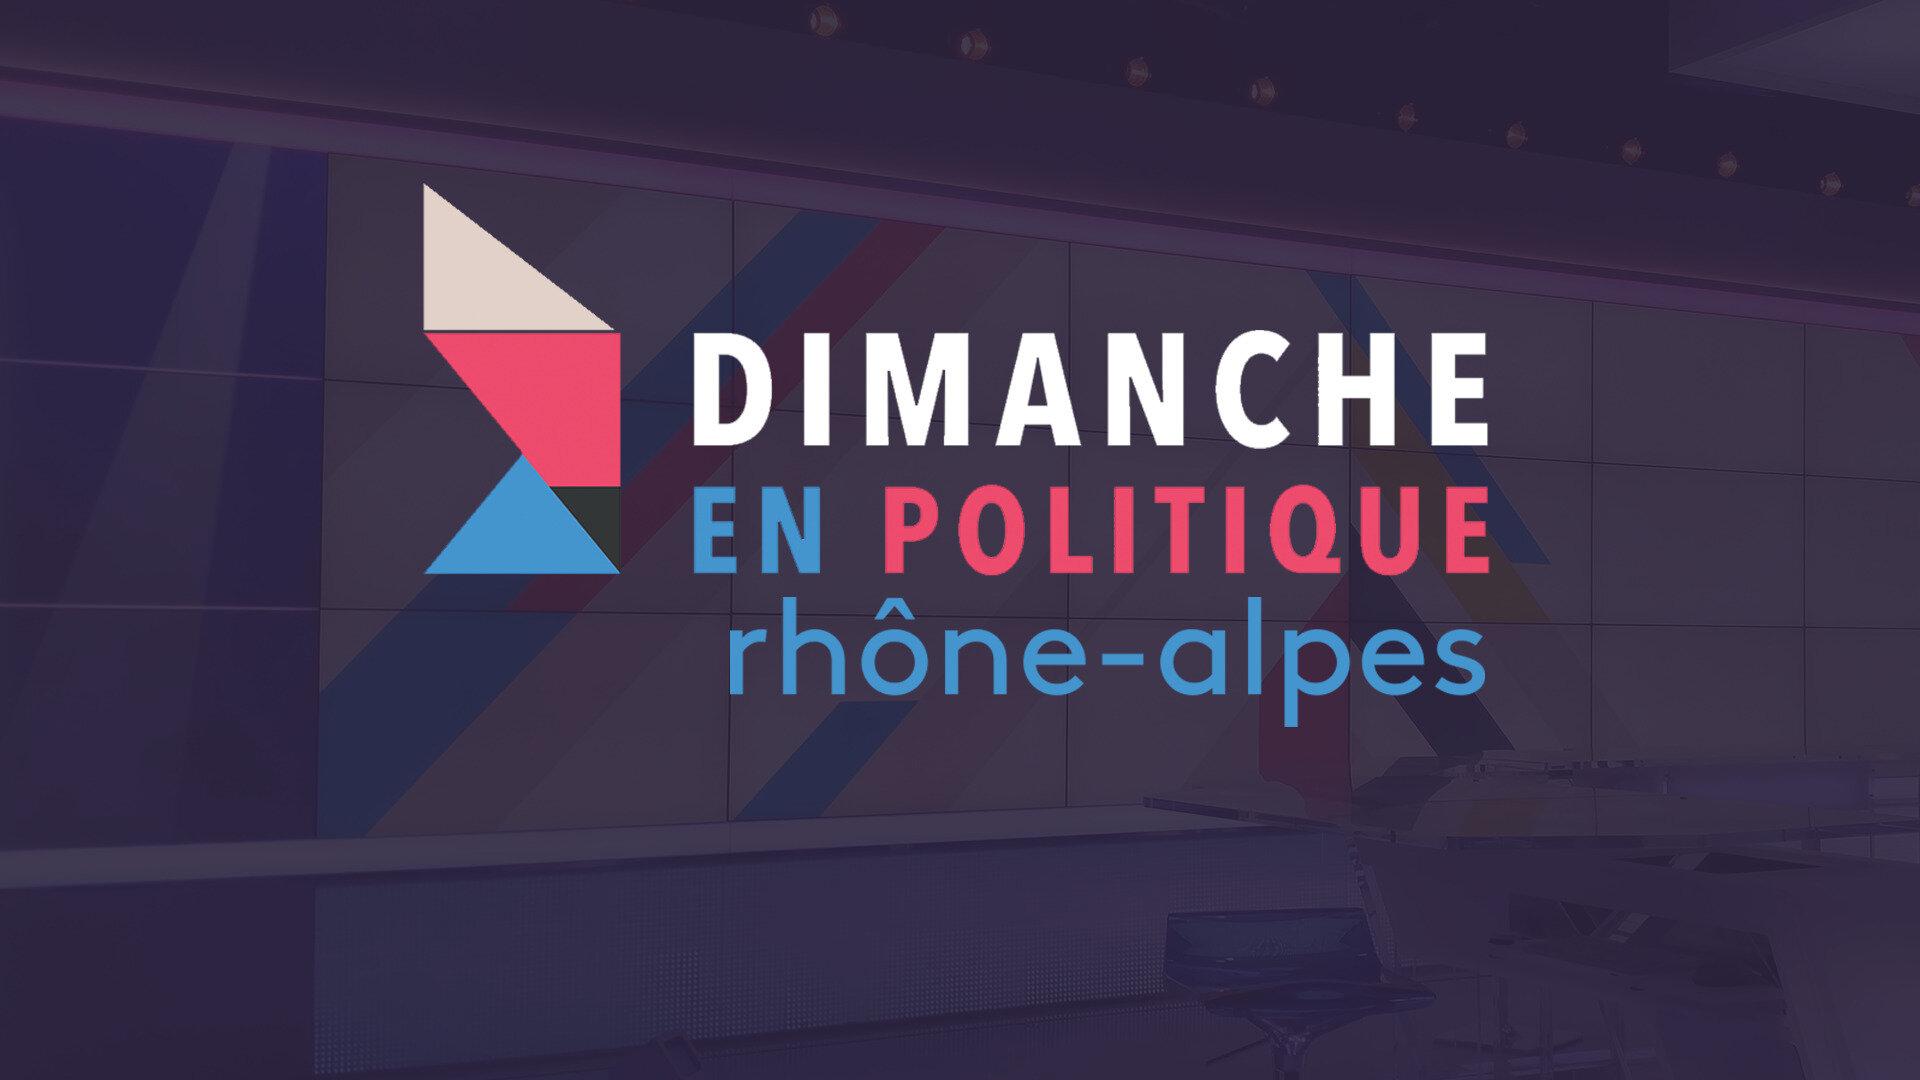 Dimanche en politique - Rhône-Alpes